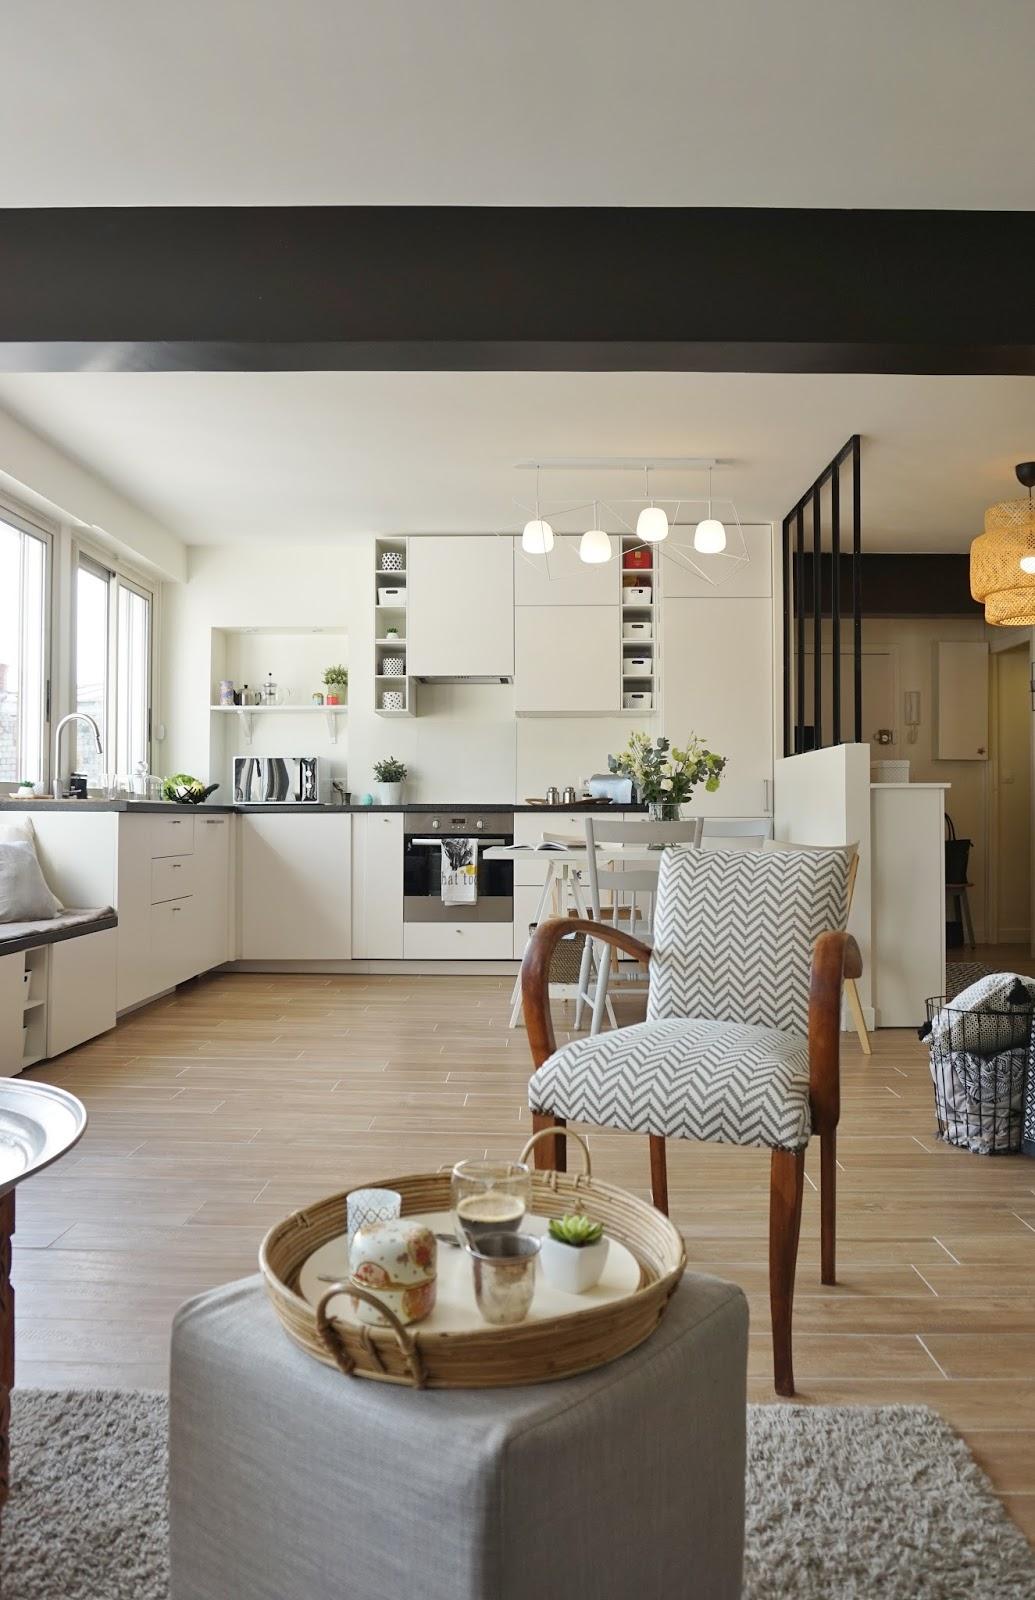 adc l'atelier d'à côté : aménagement intérieur, design d'espace et